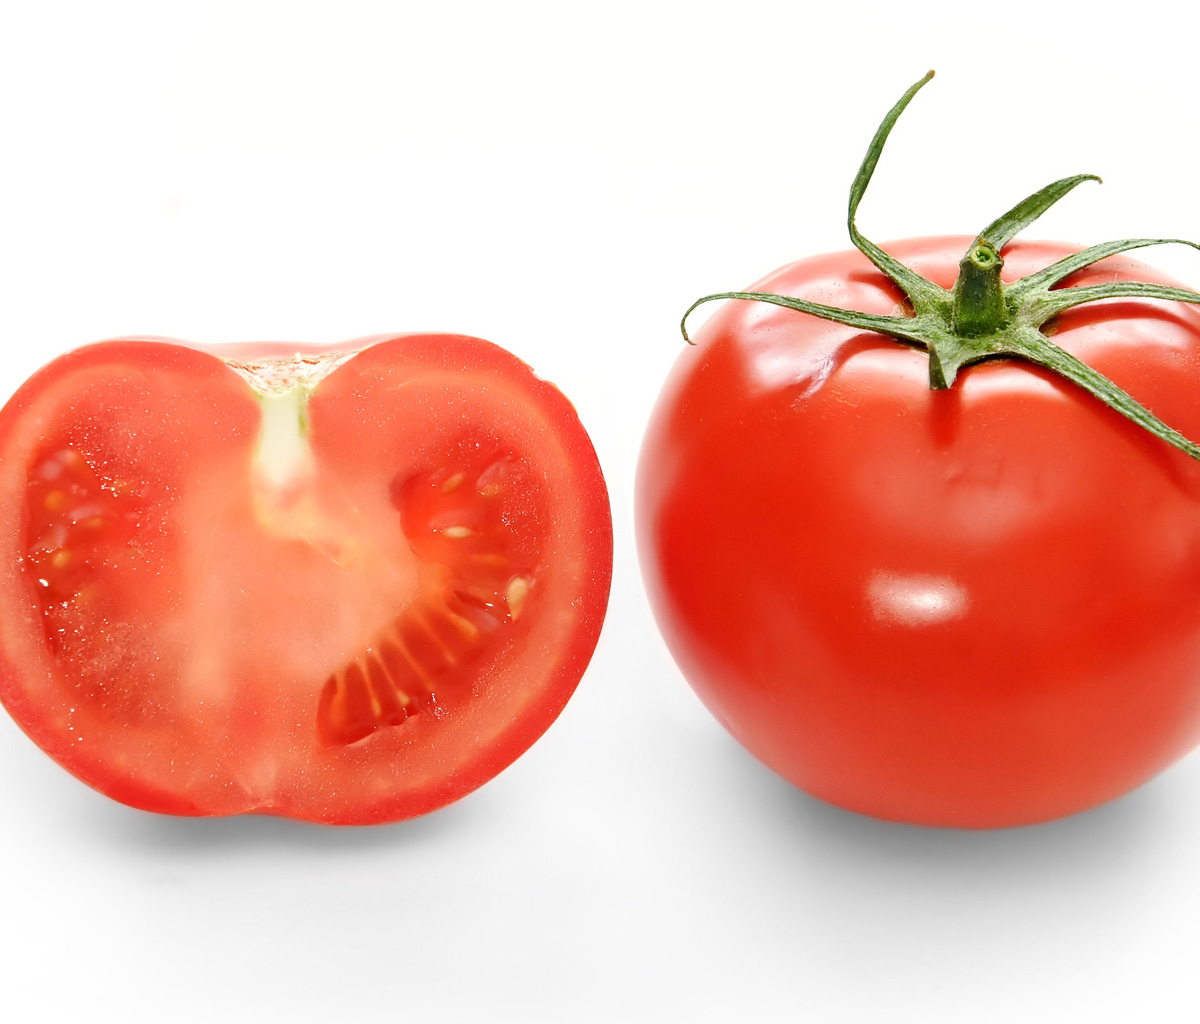 صور تفسير الطماطم في المنام لابن سيرين , الطماطم وما تفسيرها فى المنام